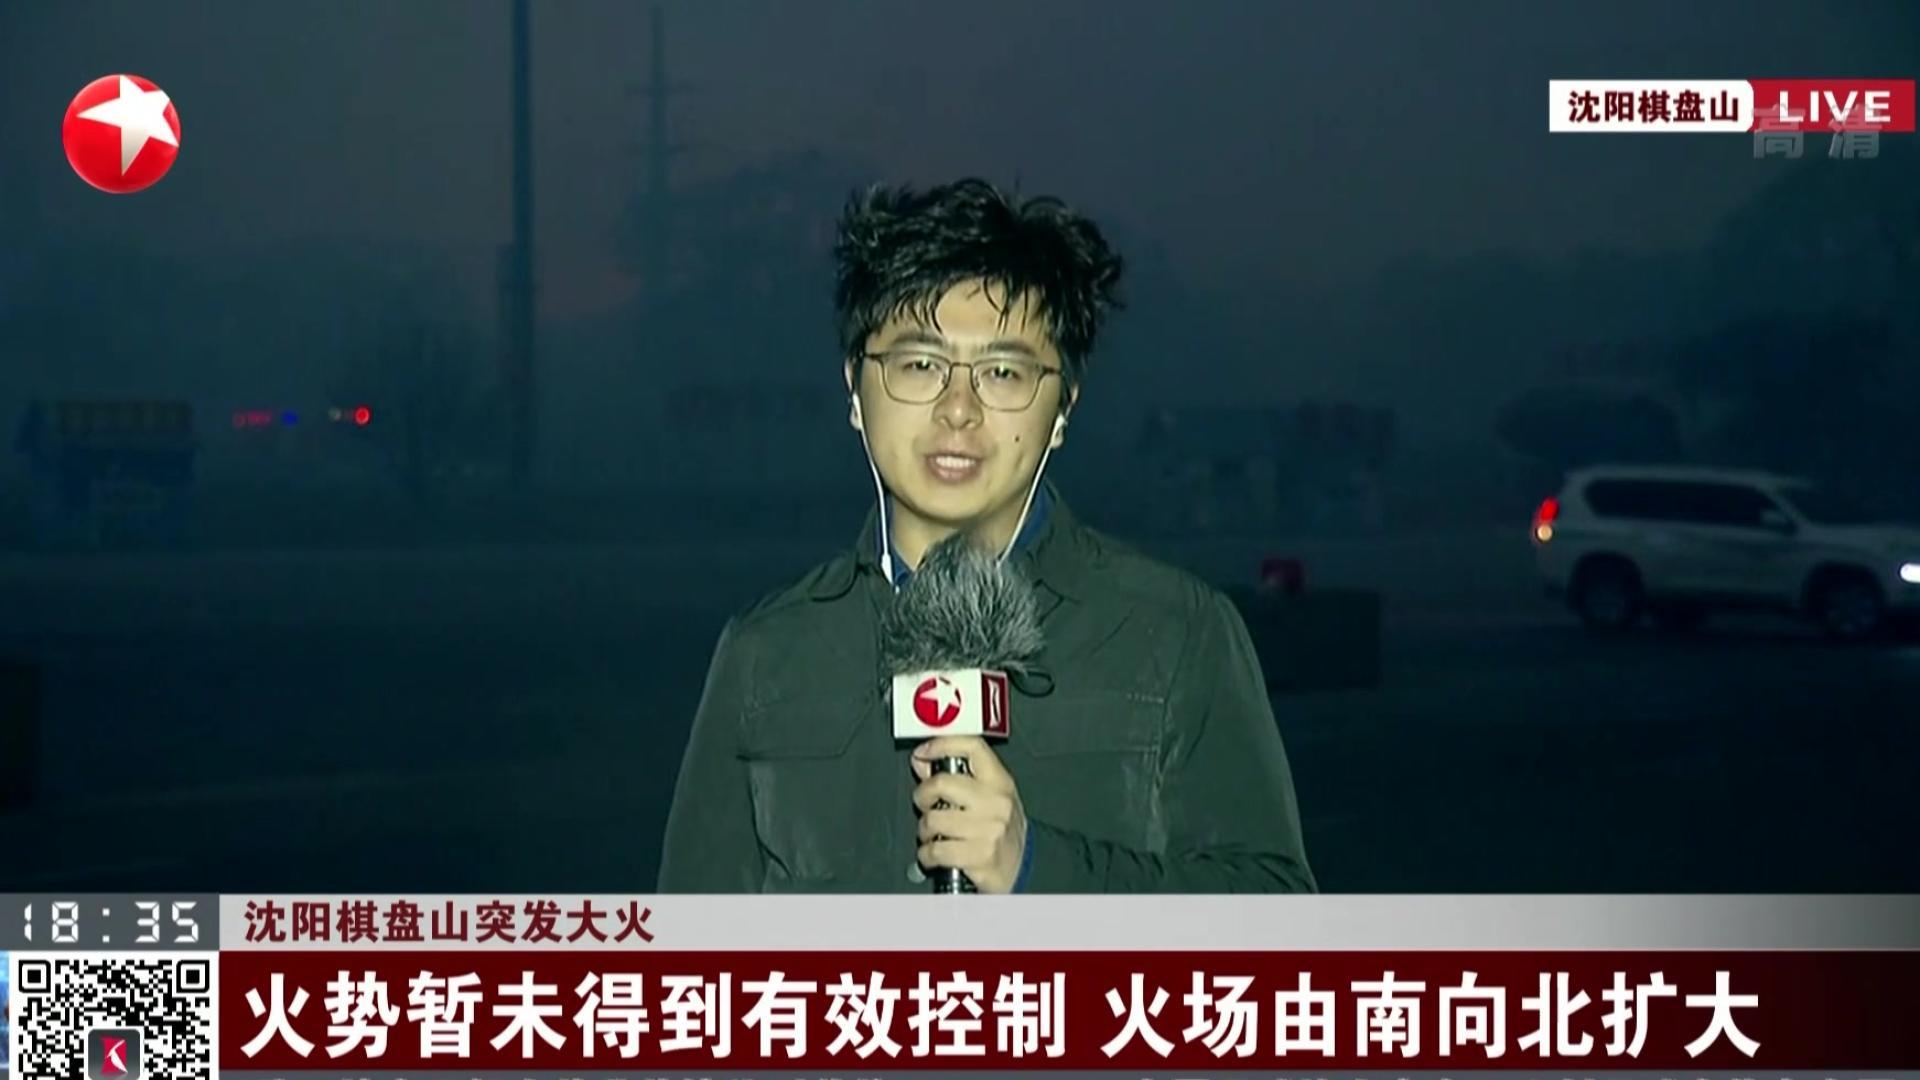 沈阳棋盘山突发大火:火势暂未得到有效控制  火场由南向北扩大